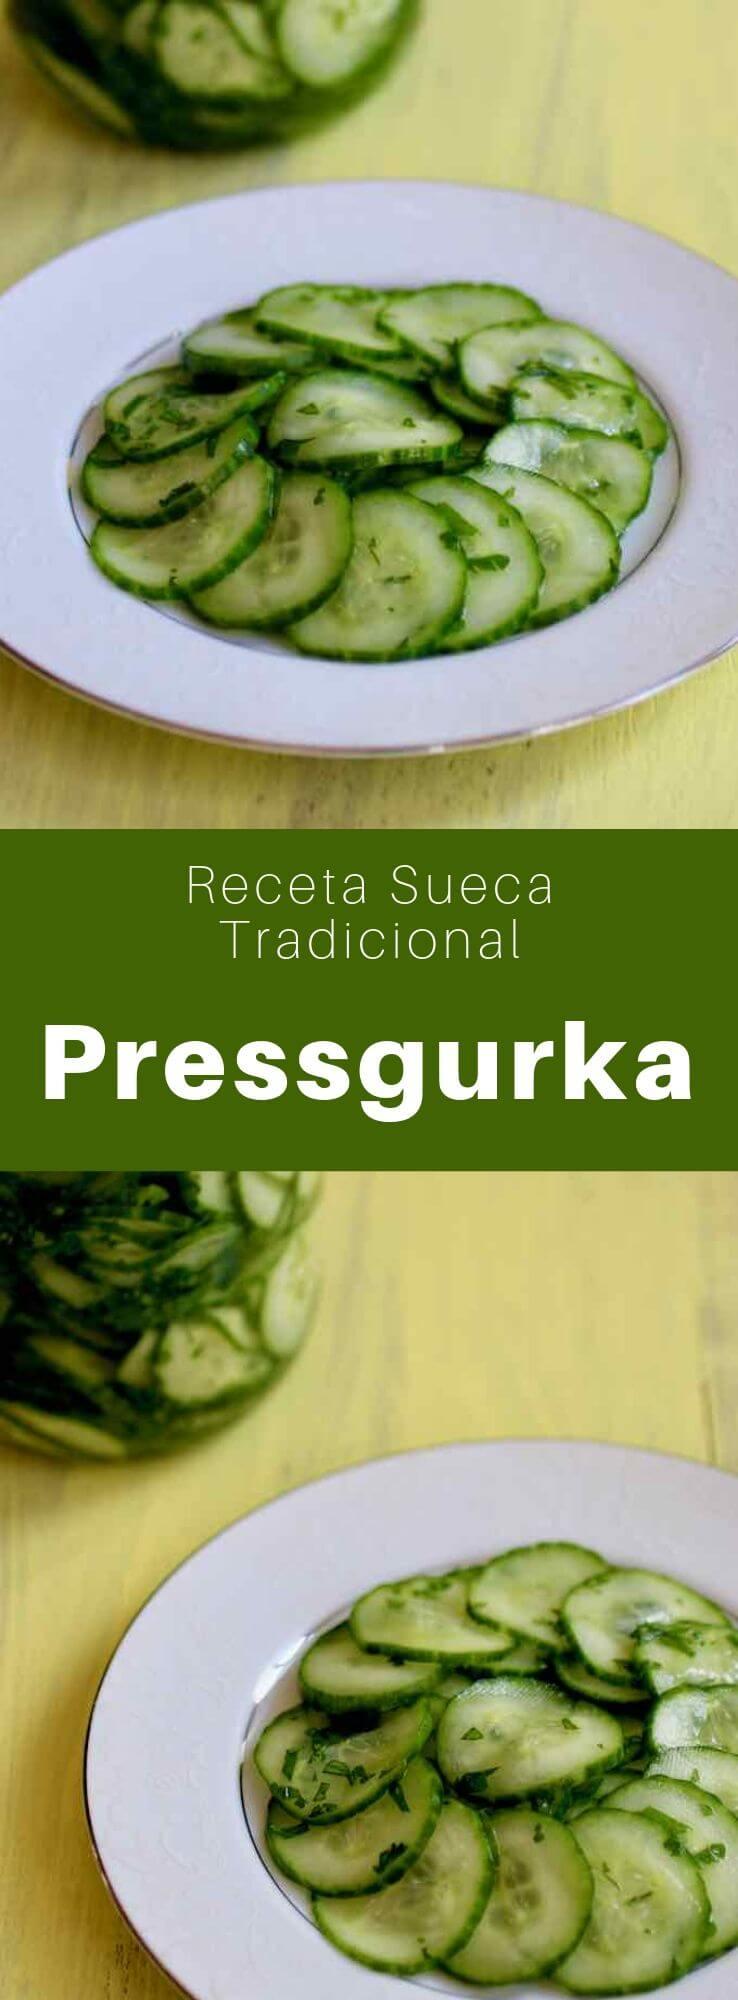 La pressgurka es una ensalada tradicional sueca que se prepara con pepino con sal, prensado y marinado con azúcar y vinagre.